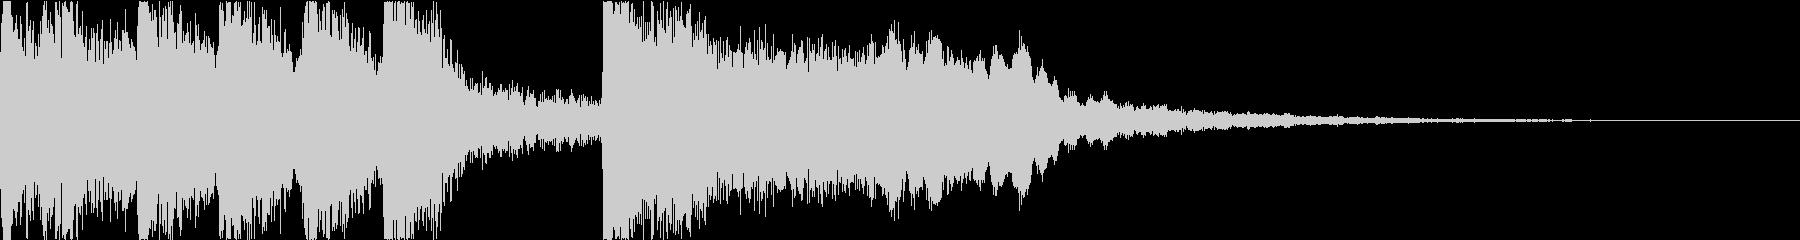 ゲームで使える和楽器の勝利ファンファーレの未再生の波形